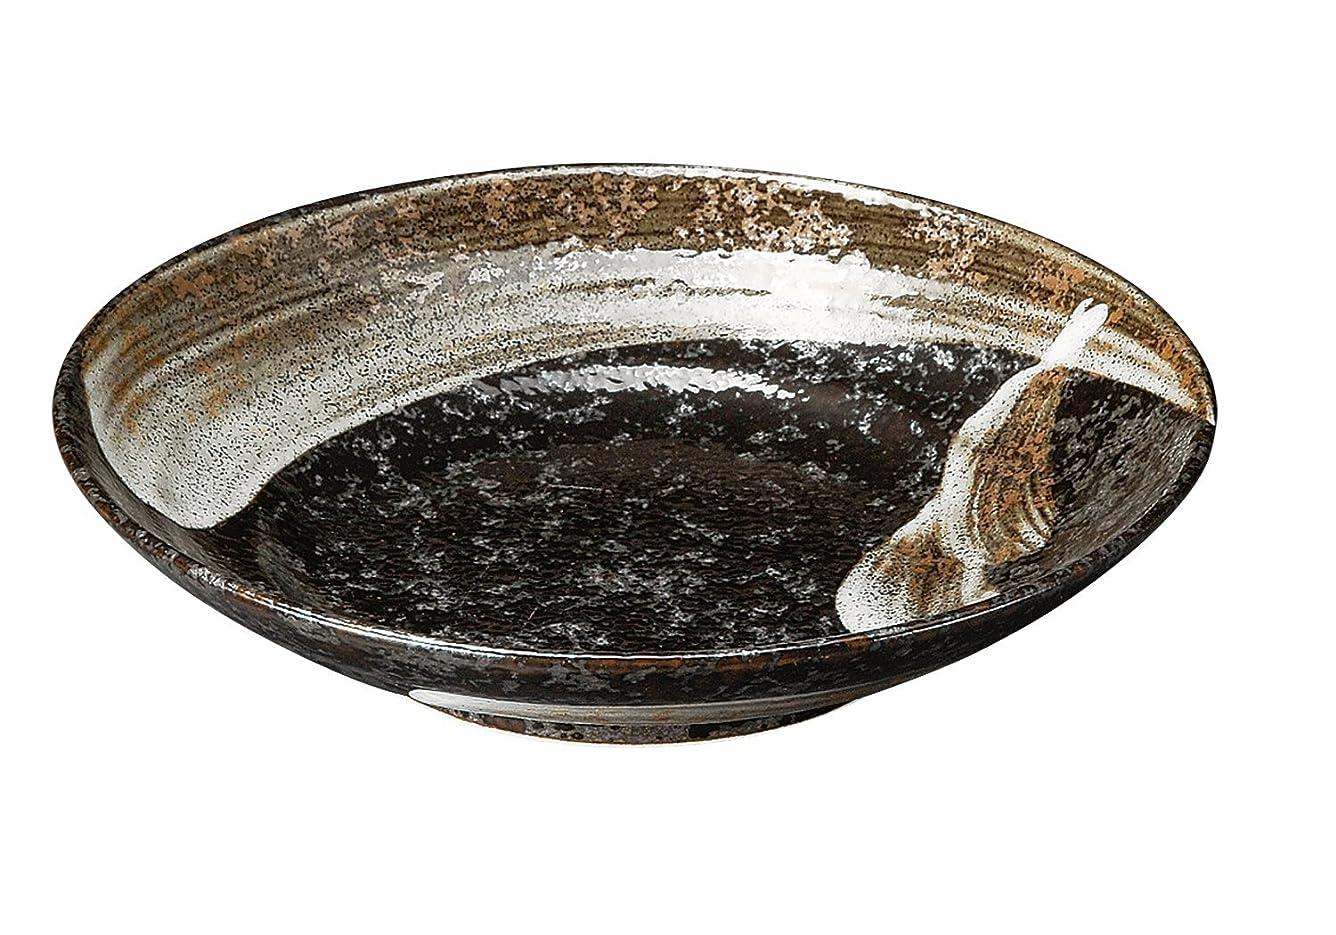 秘密のカリング険しい宗峰窯 陶器 皿 明世荒刷毛 7.5 麺皿 23×5cm 400-20-433